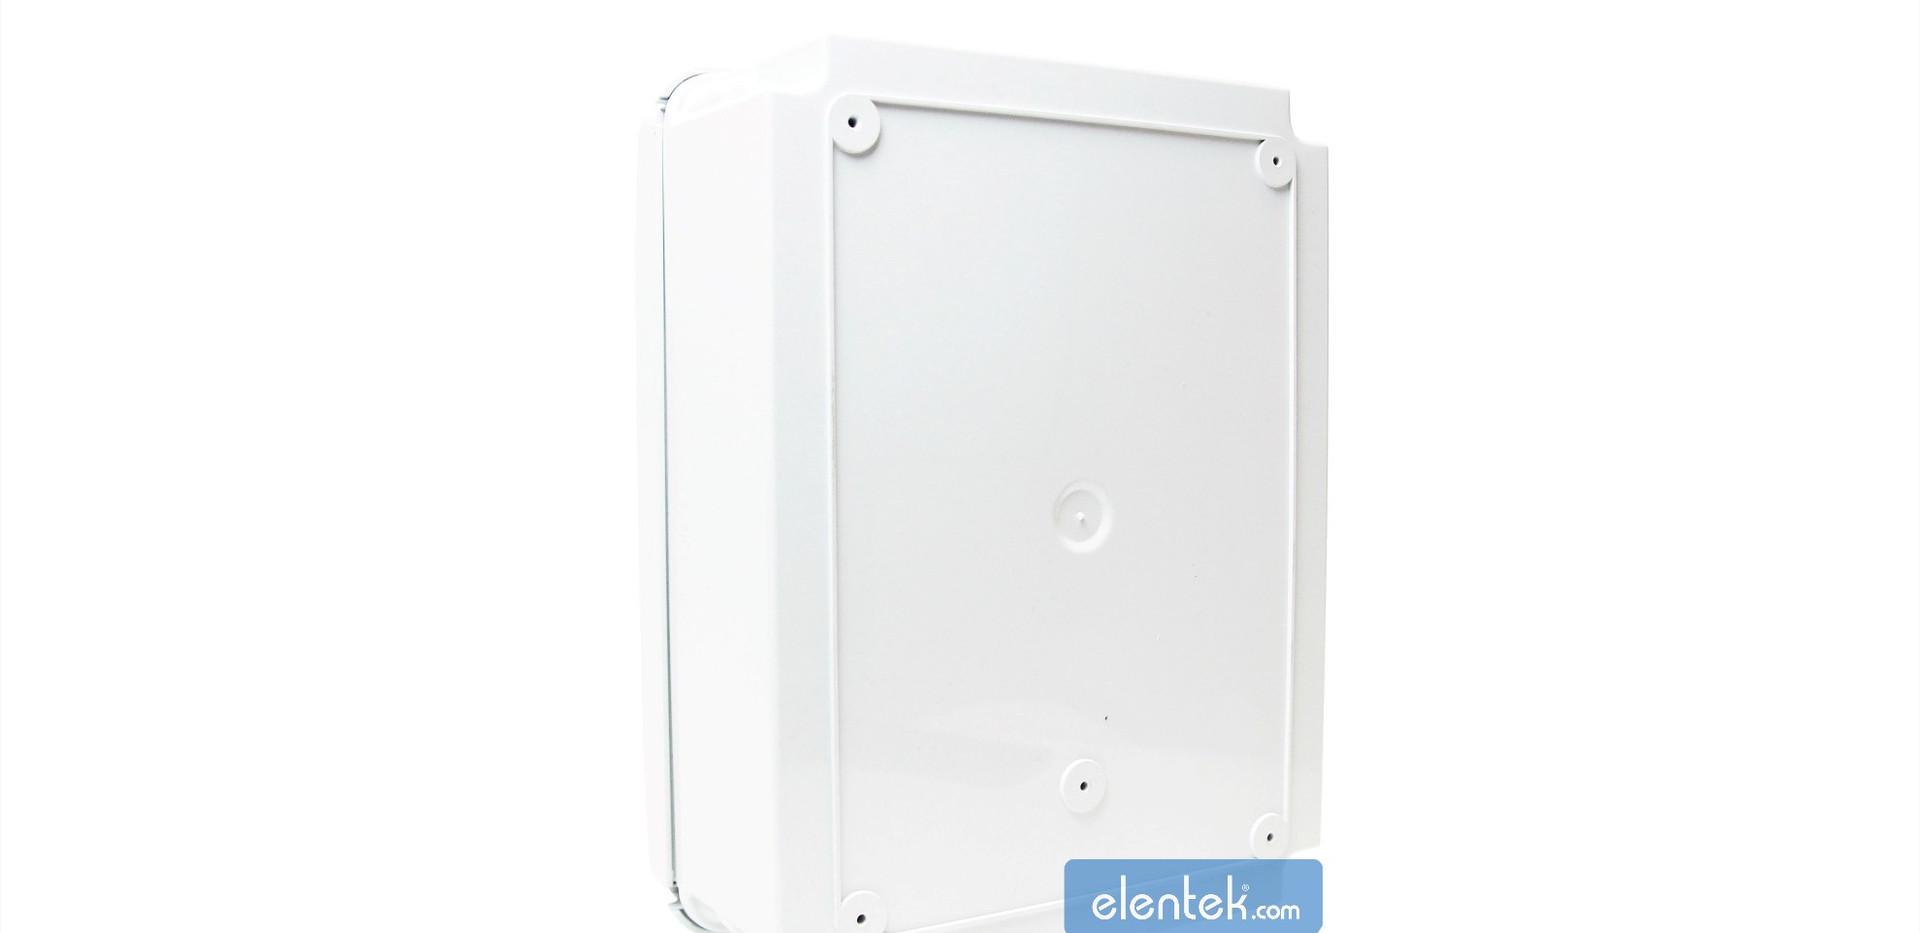 Retro quadro elettrico per pompe impianti prima pioggia con sensore pioggia Pluvio Elentek